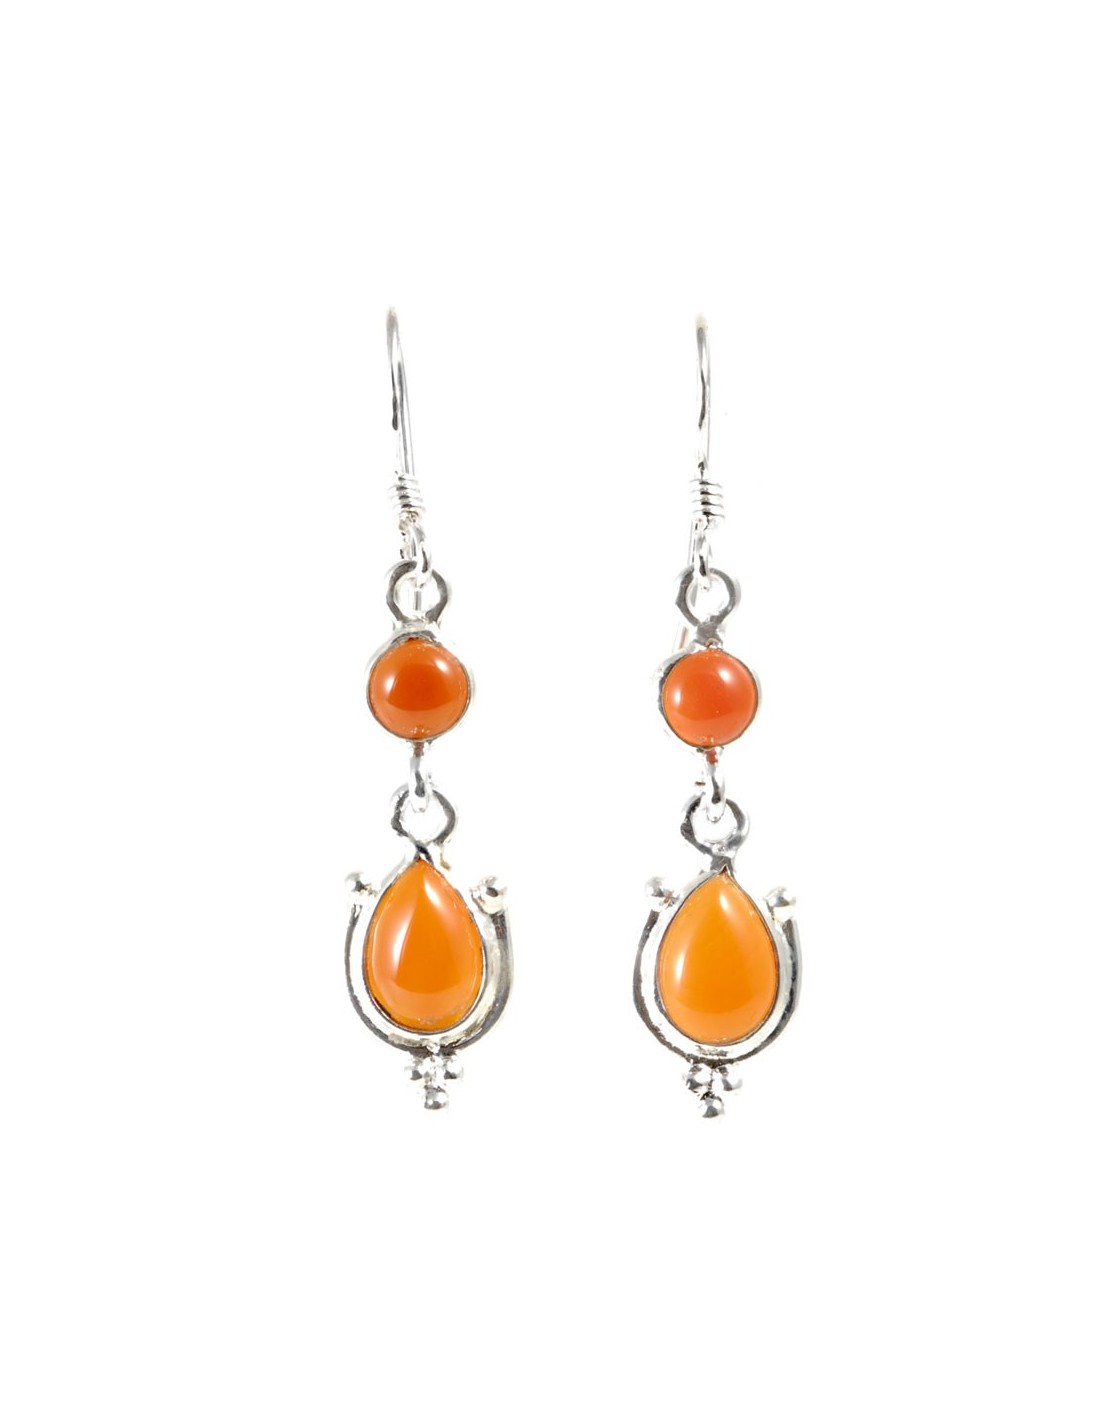 Boucle d 39 oreilles pendantes pierre ronde et goutte boutique nirvana - Grosses boucles d oreilles pendantes ...